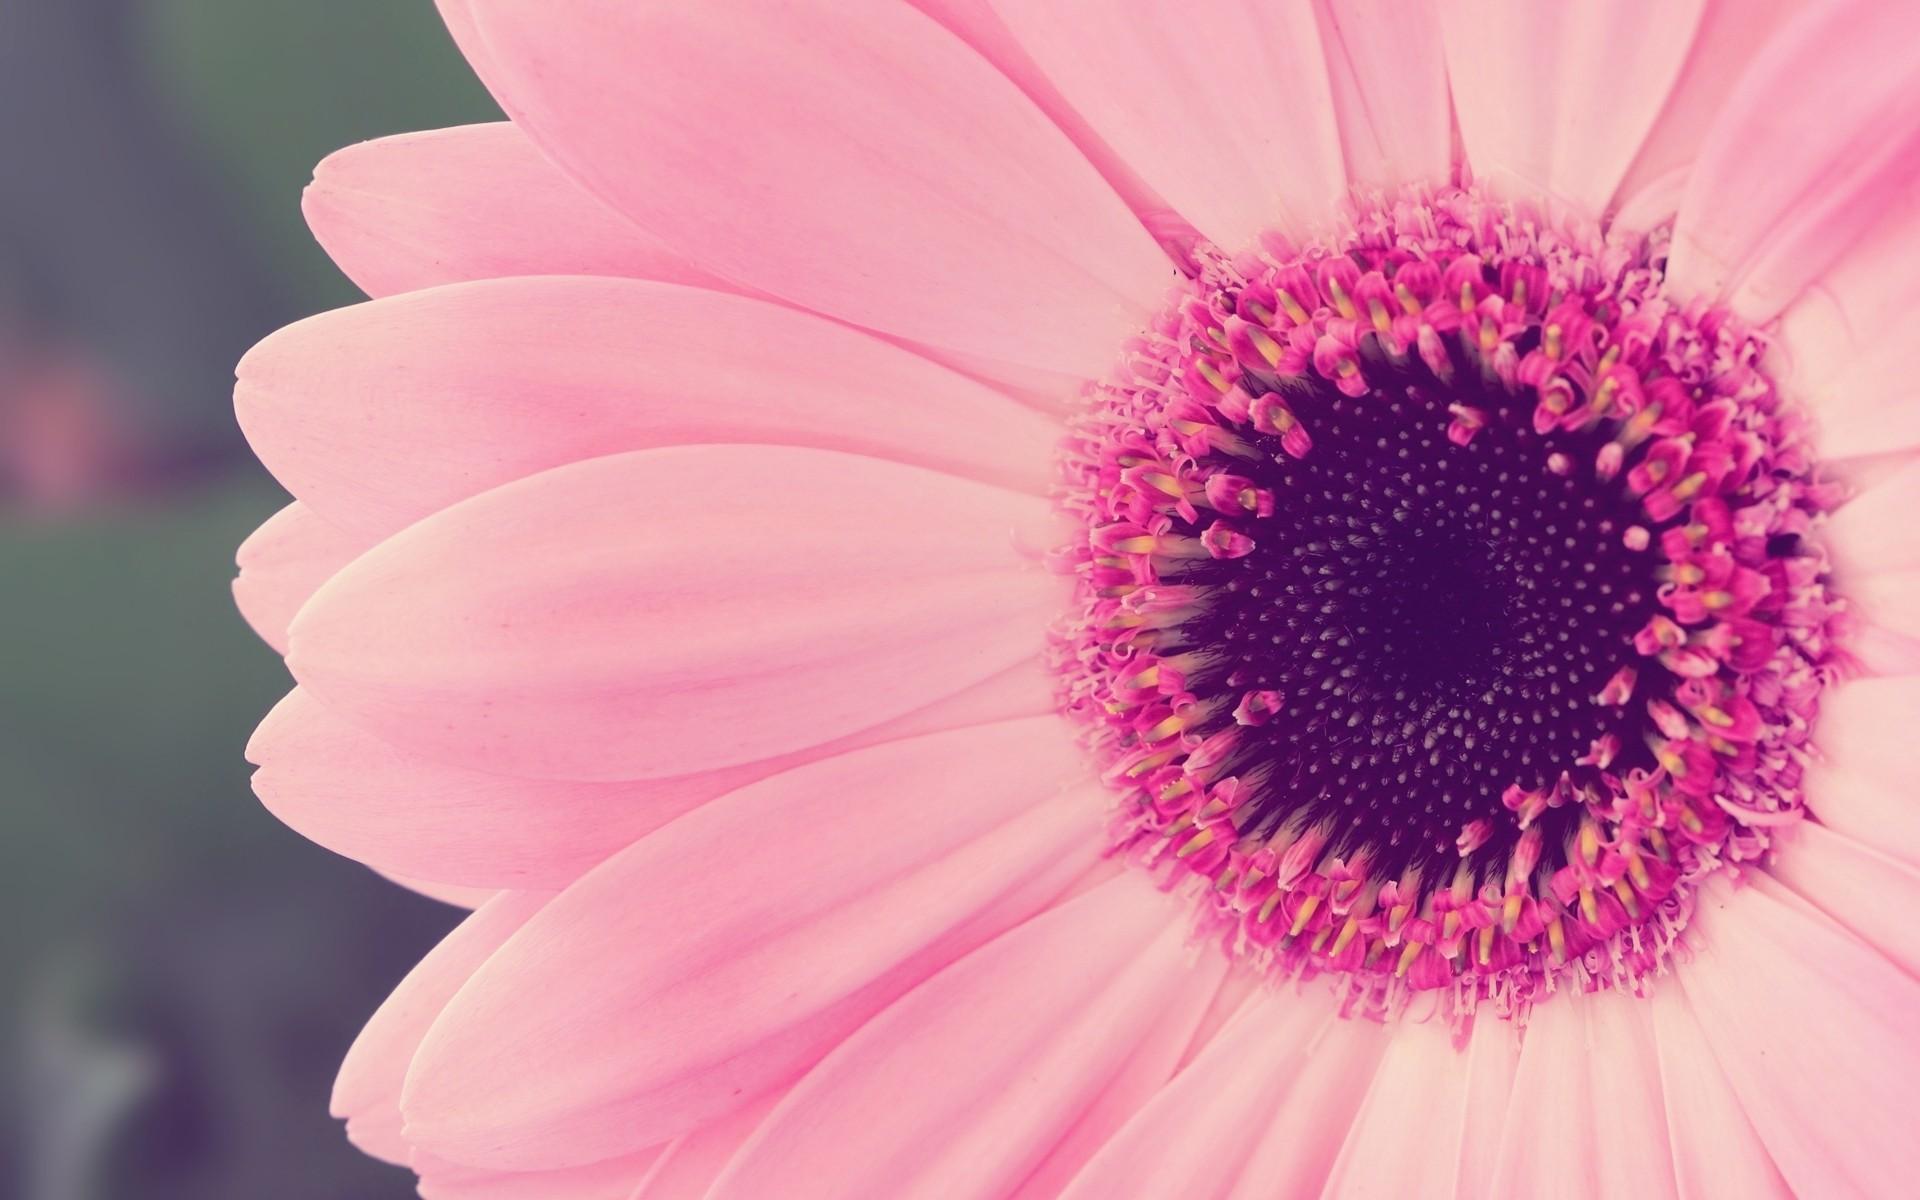 Pink flower desktop wallpaper 1920x1200 great pink flower wallpaper download search mightylinksfo